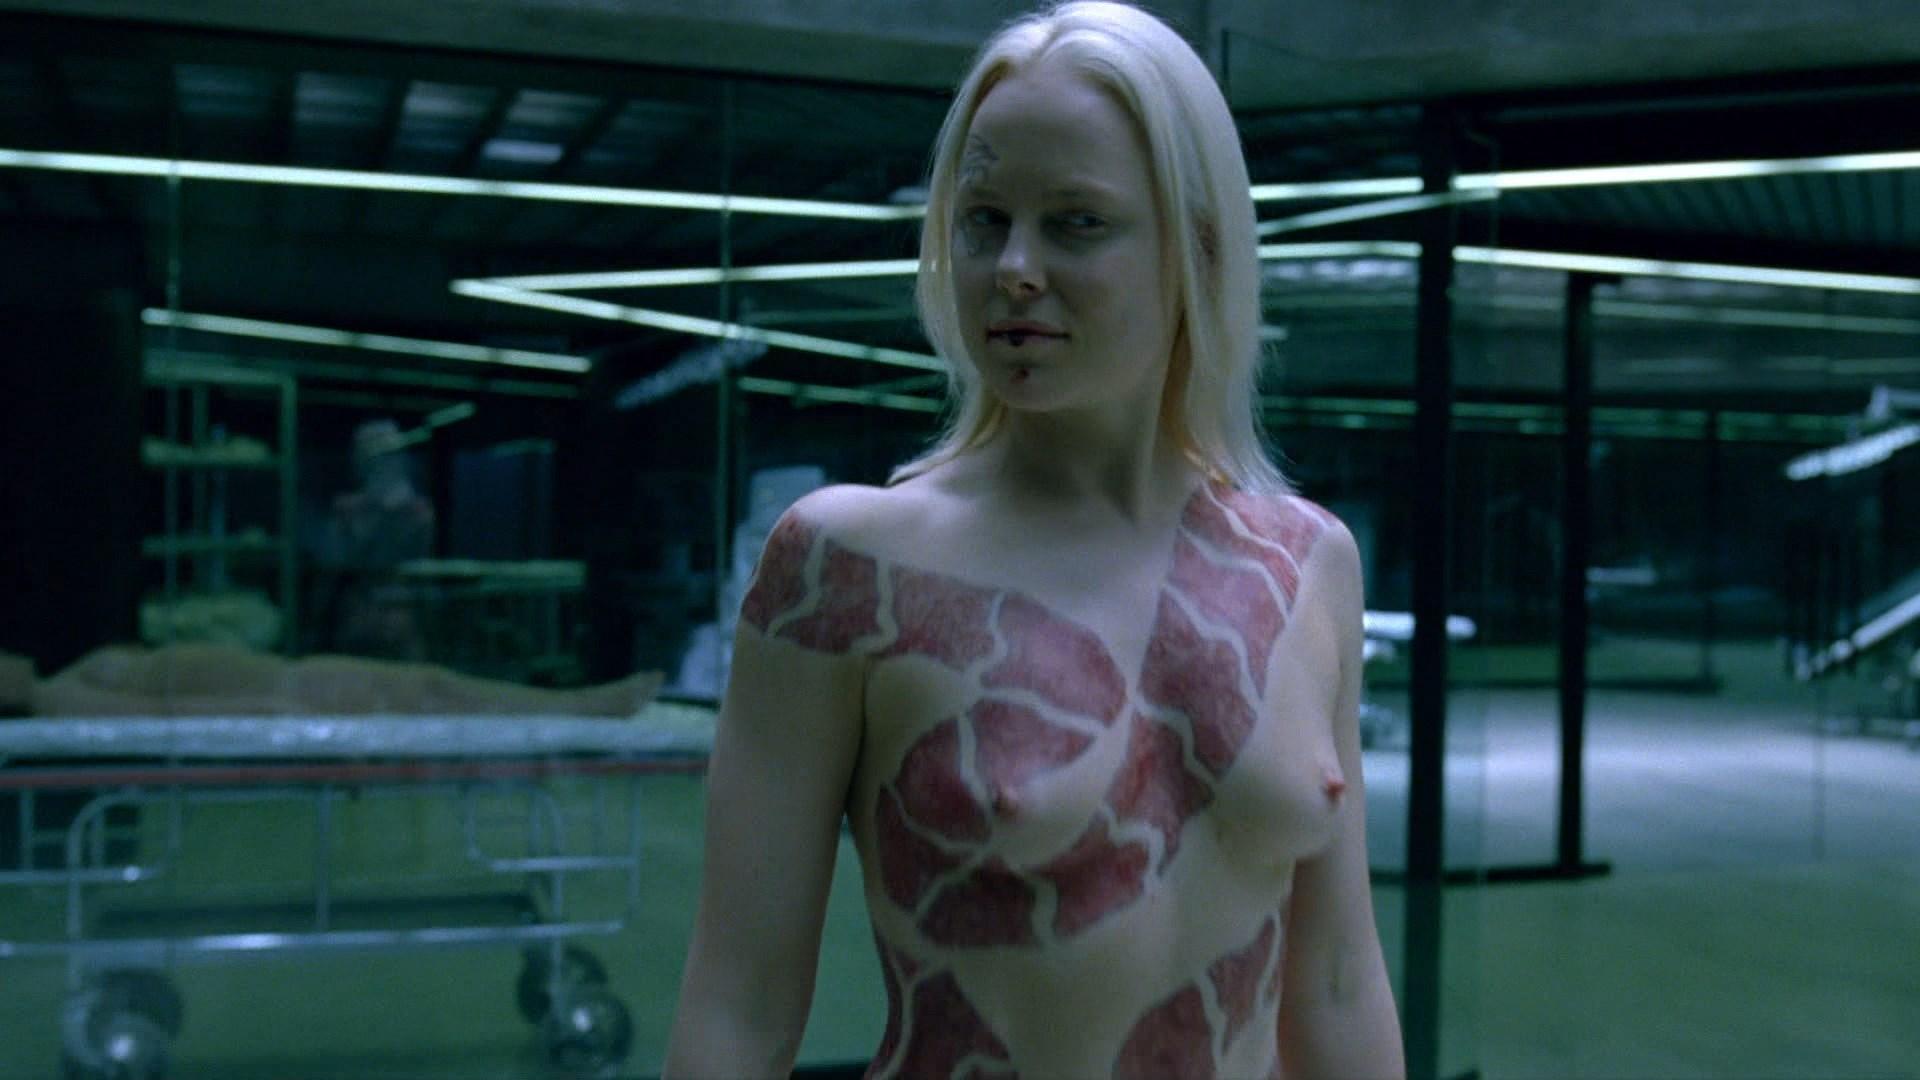 Bridget the midget implants